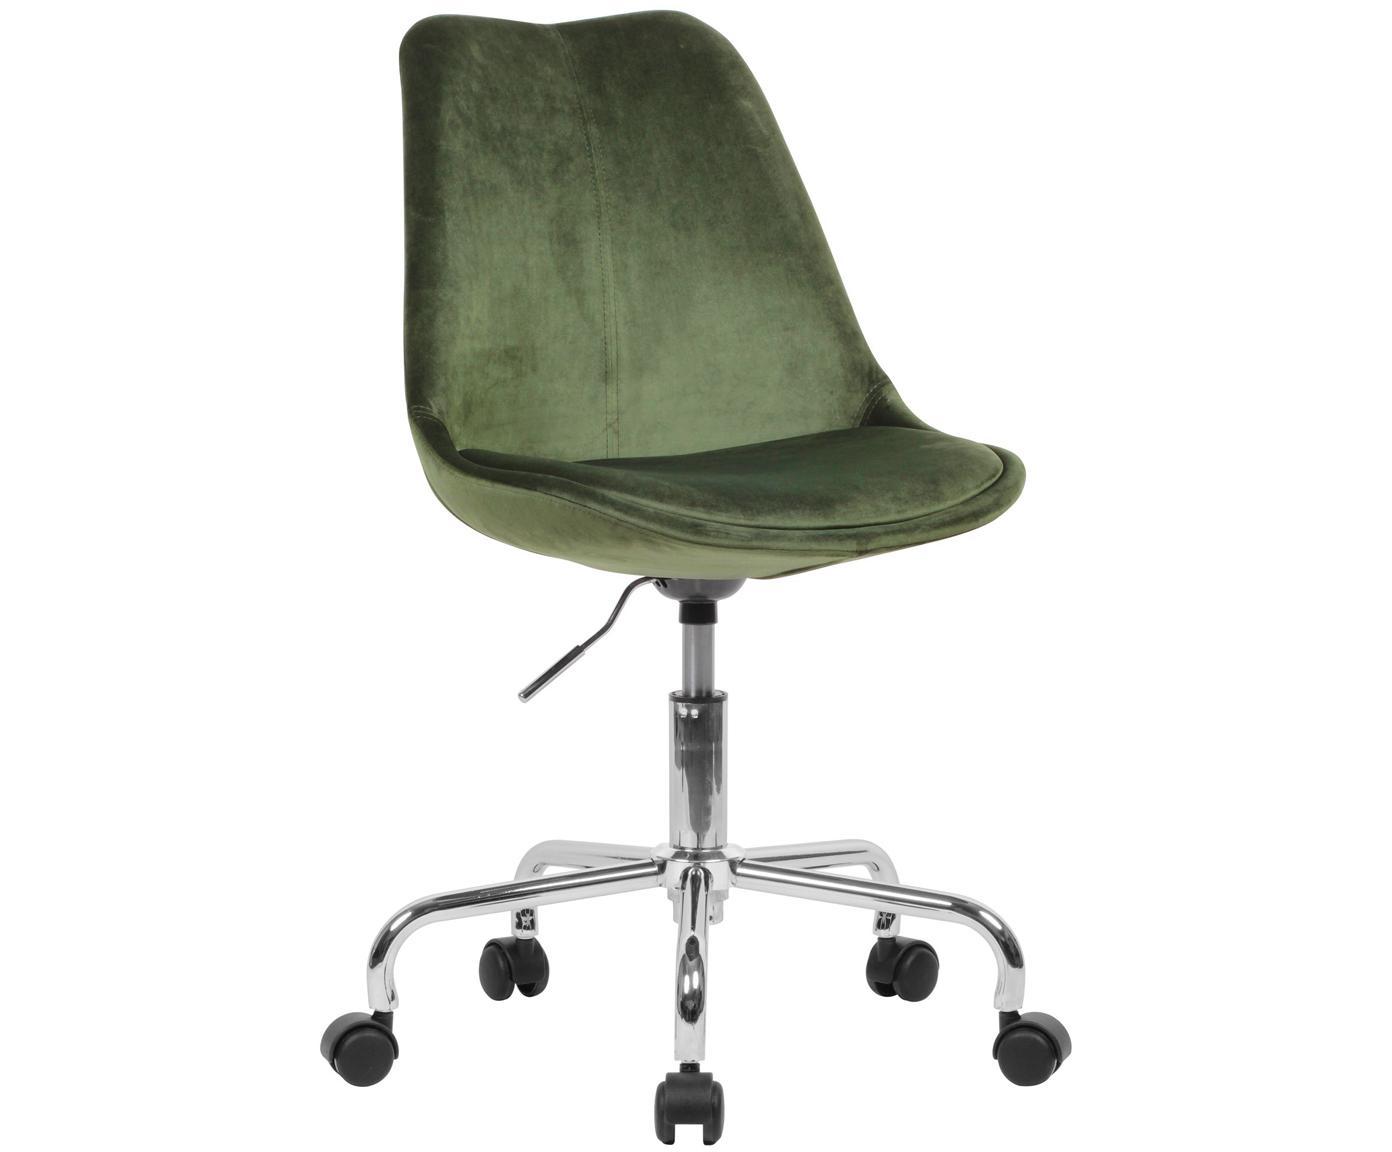 Sedia da ufficio girevole in velluto Lenka, Rivestimento: velluto, Struttura: metallo cromato, Verde scuro, Larg. 65 x Prof. 56 cm